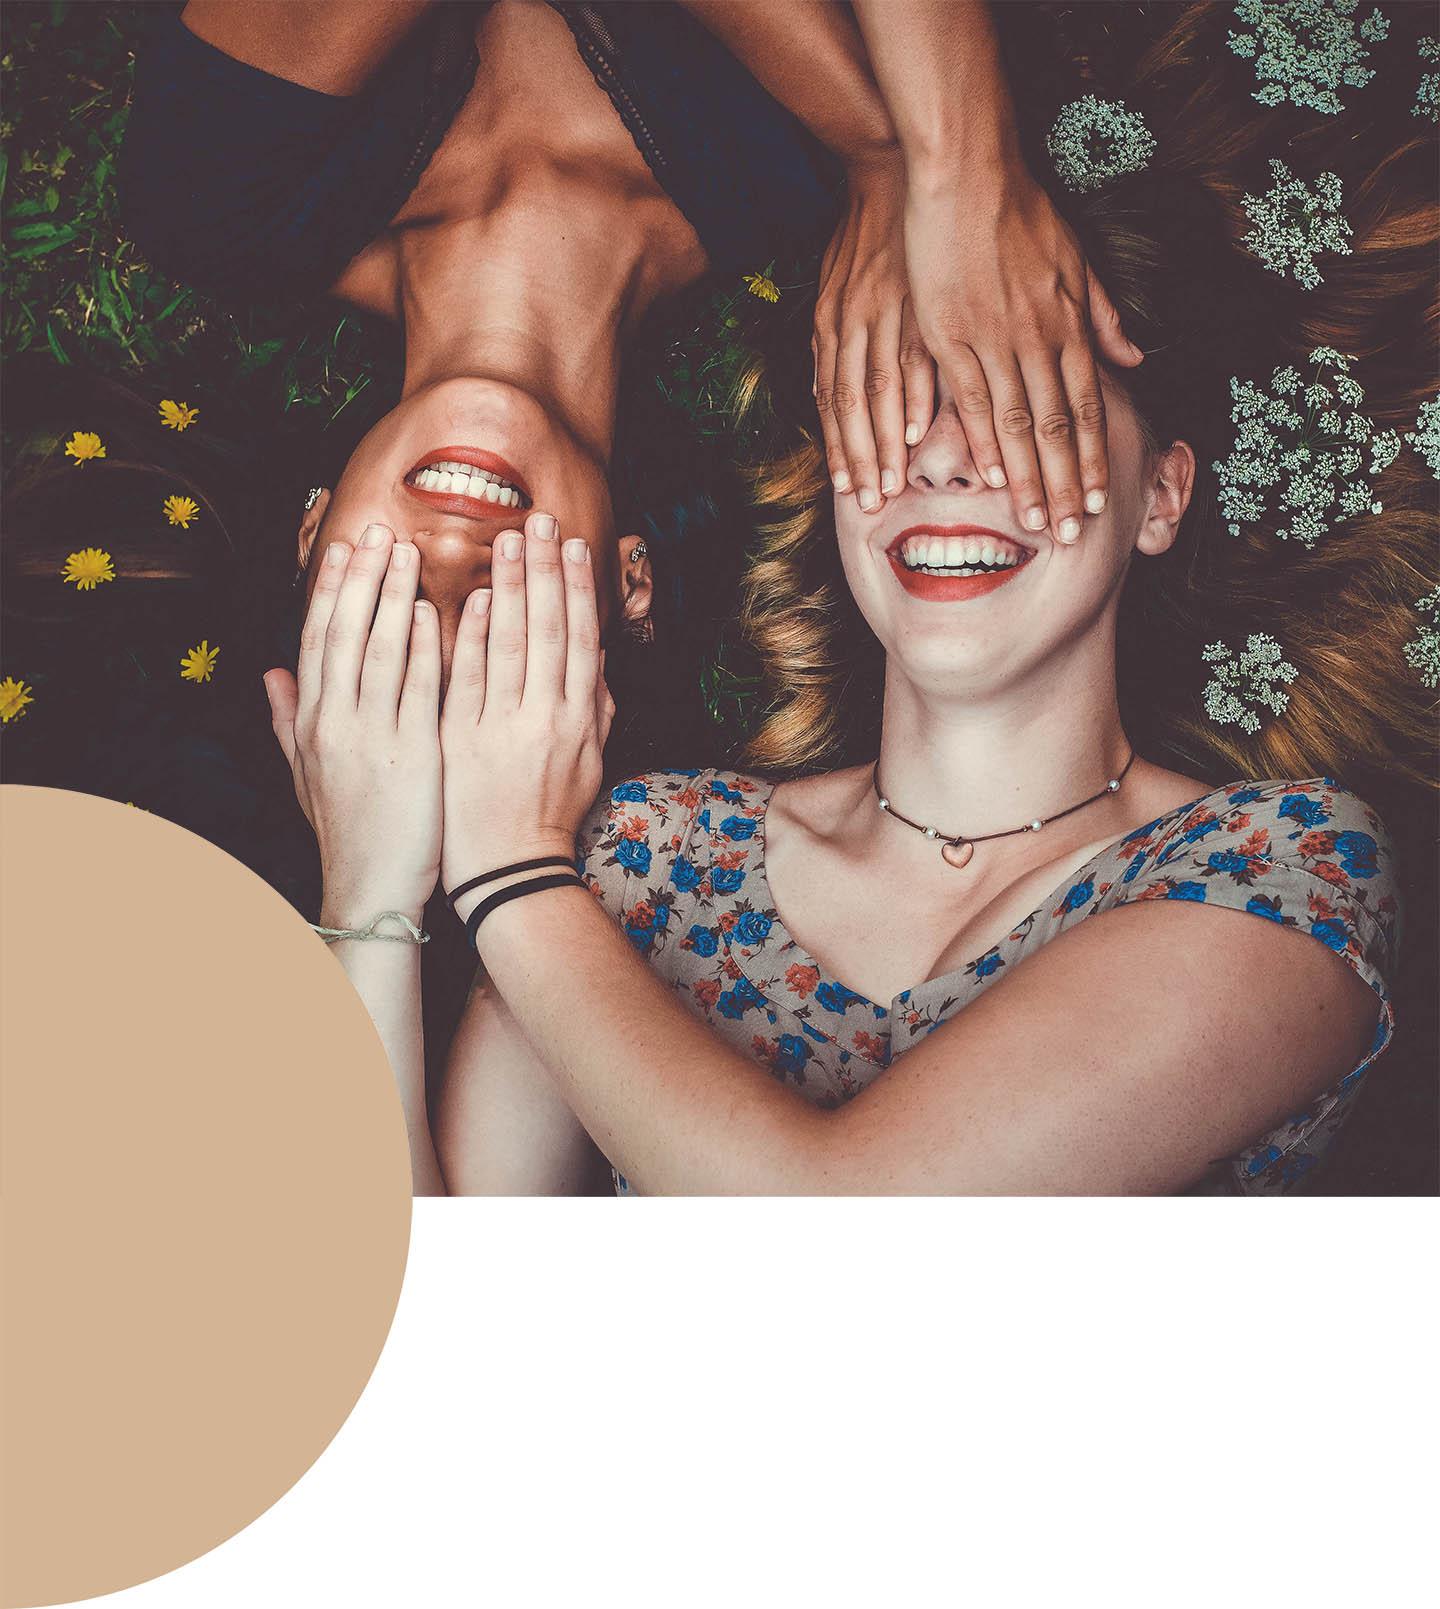 Vayana - Angebote von Josefine Pfeifhofer - blinde Situationsdarstellung - deine Situation wertefrei darstellen - junge Mädchen in der Wiese, halten sich gegenseitig die Augen zu - Foto by Sam Manns via Unsplash.com